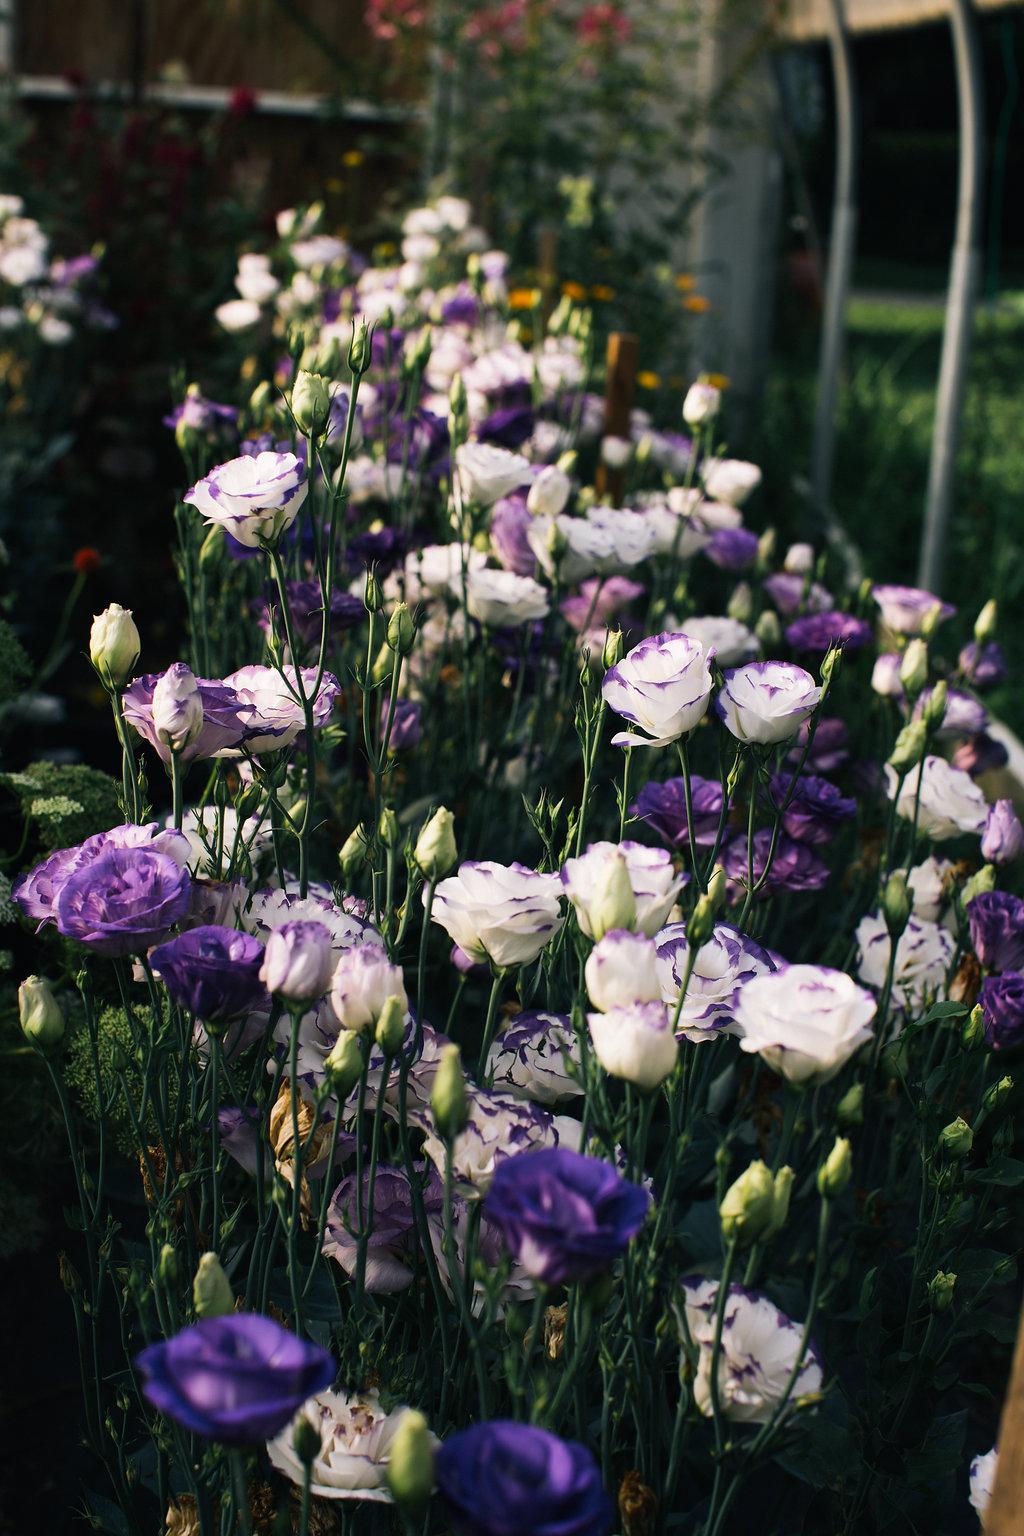 Farmhouse.Flowers_at_Mayneland.Farm-6954.jpg